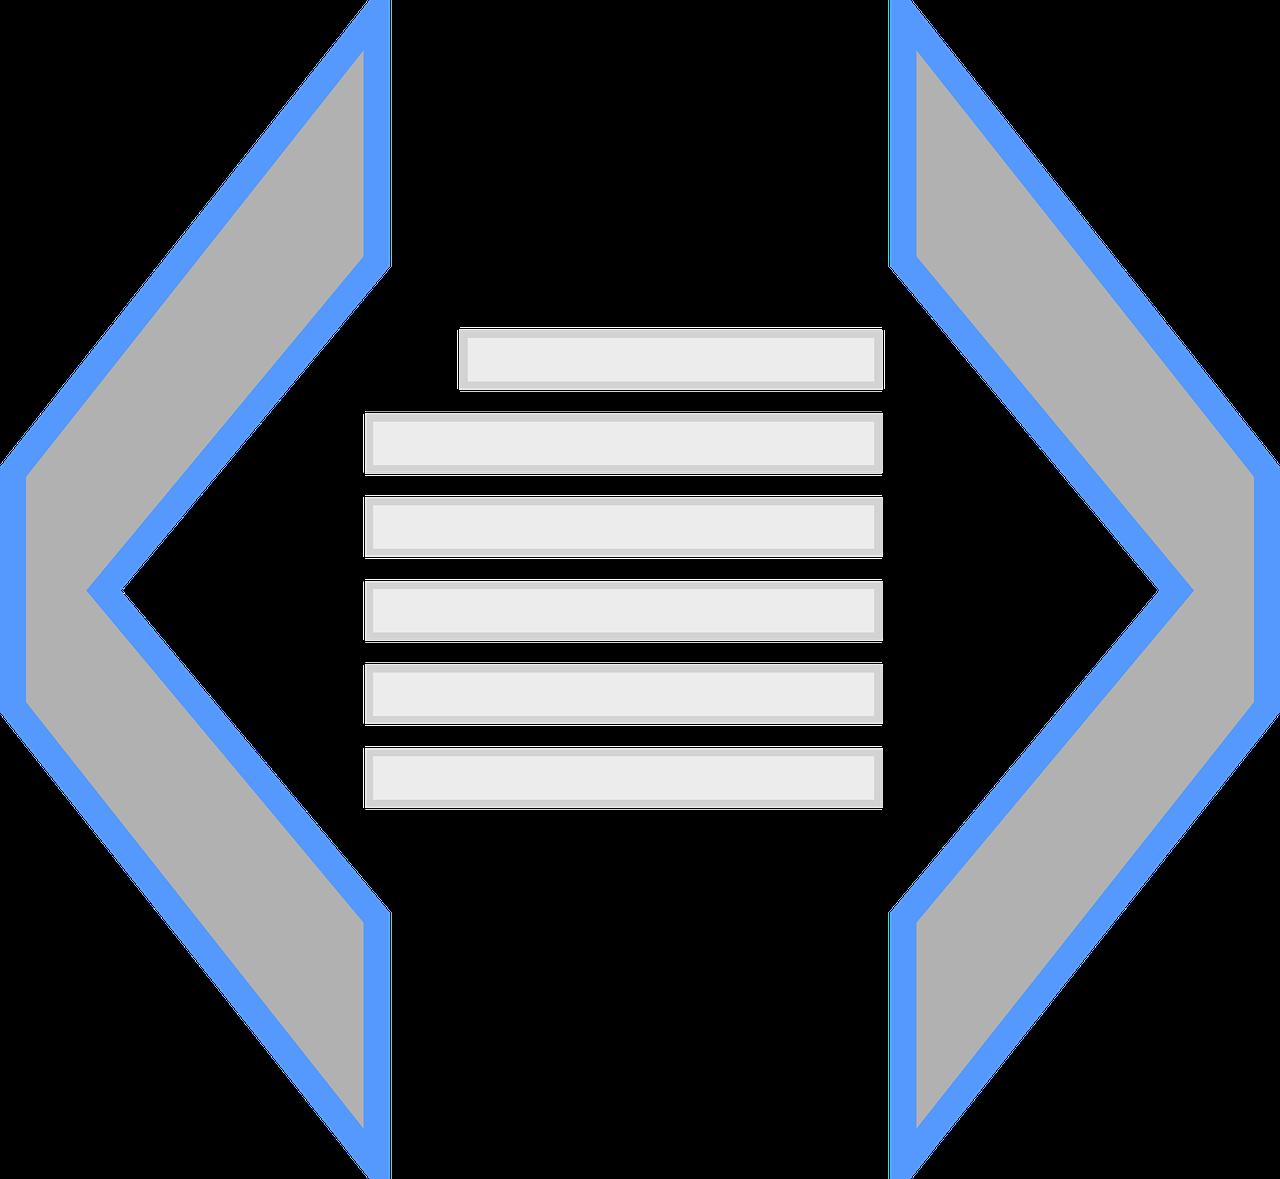 xmlTreeNav v0.3.3